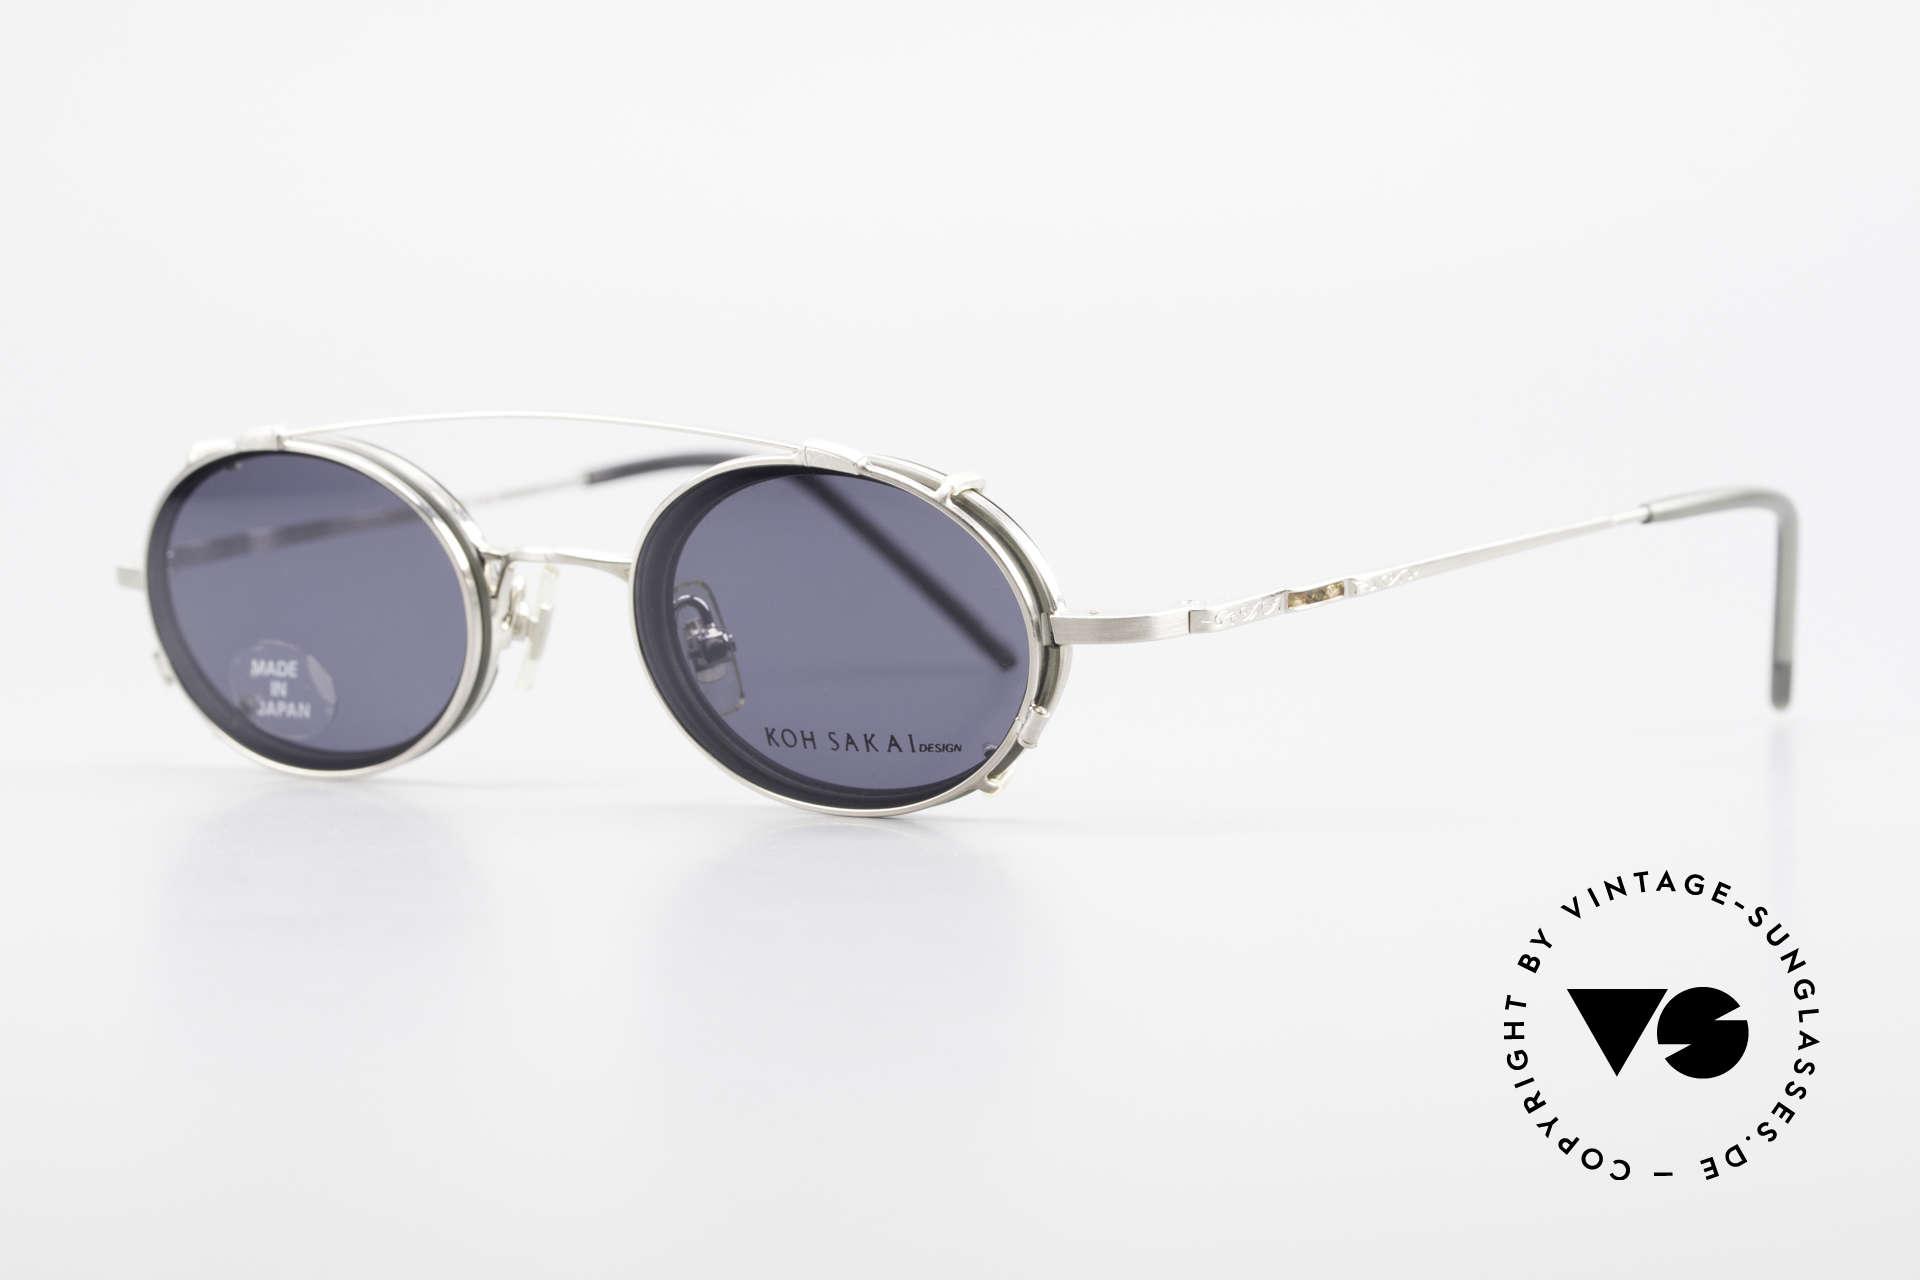 Koh Sakai KS9831 90er Brille Oval Made in Japan, in Los Angeles designed & in Sabae (Japan) produziert, Passend für Herren